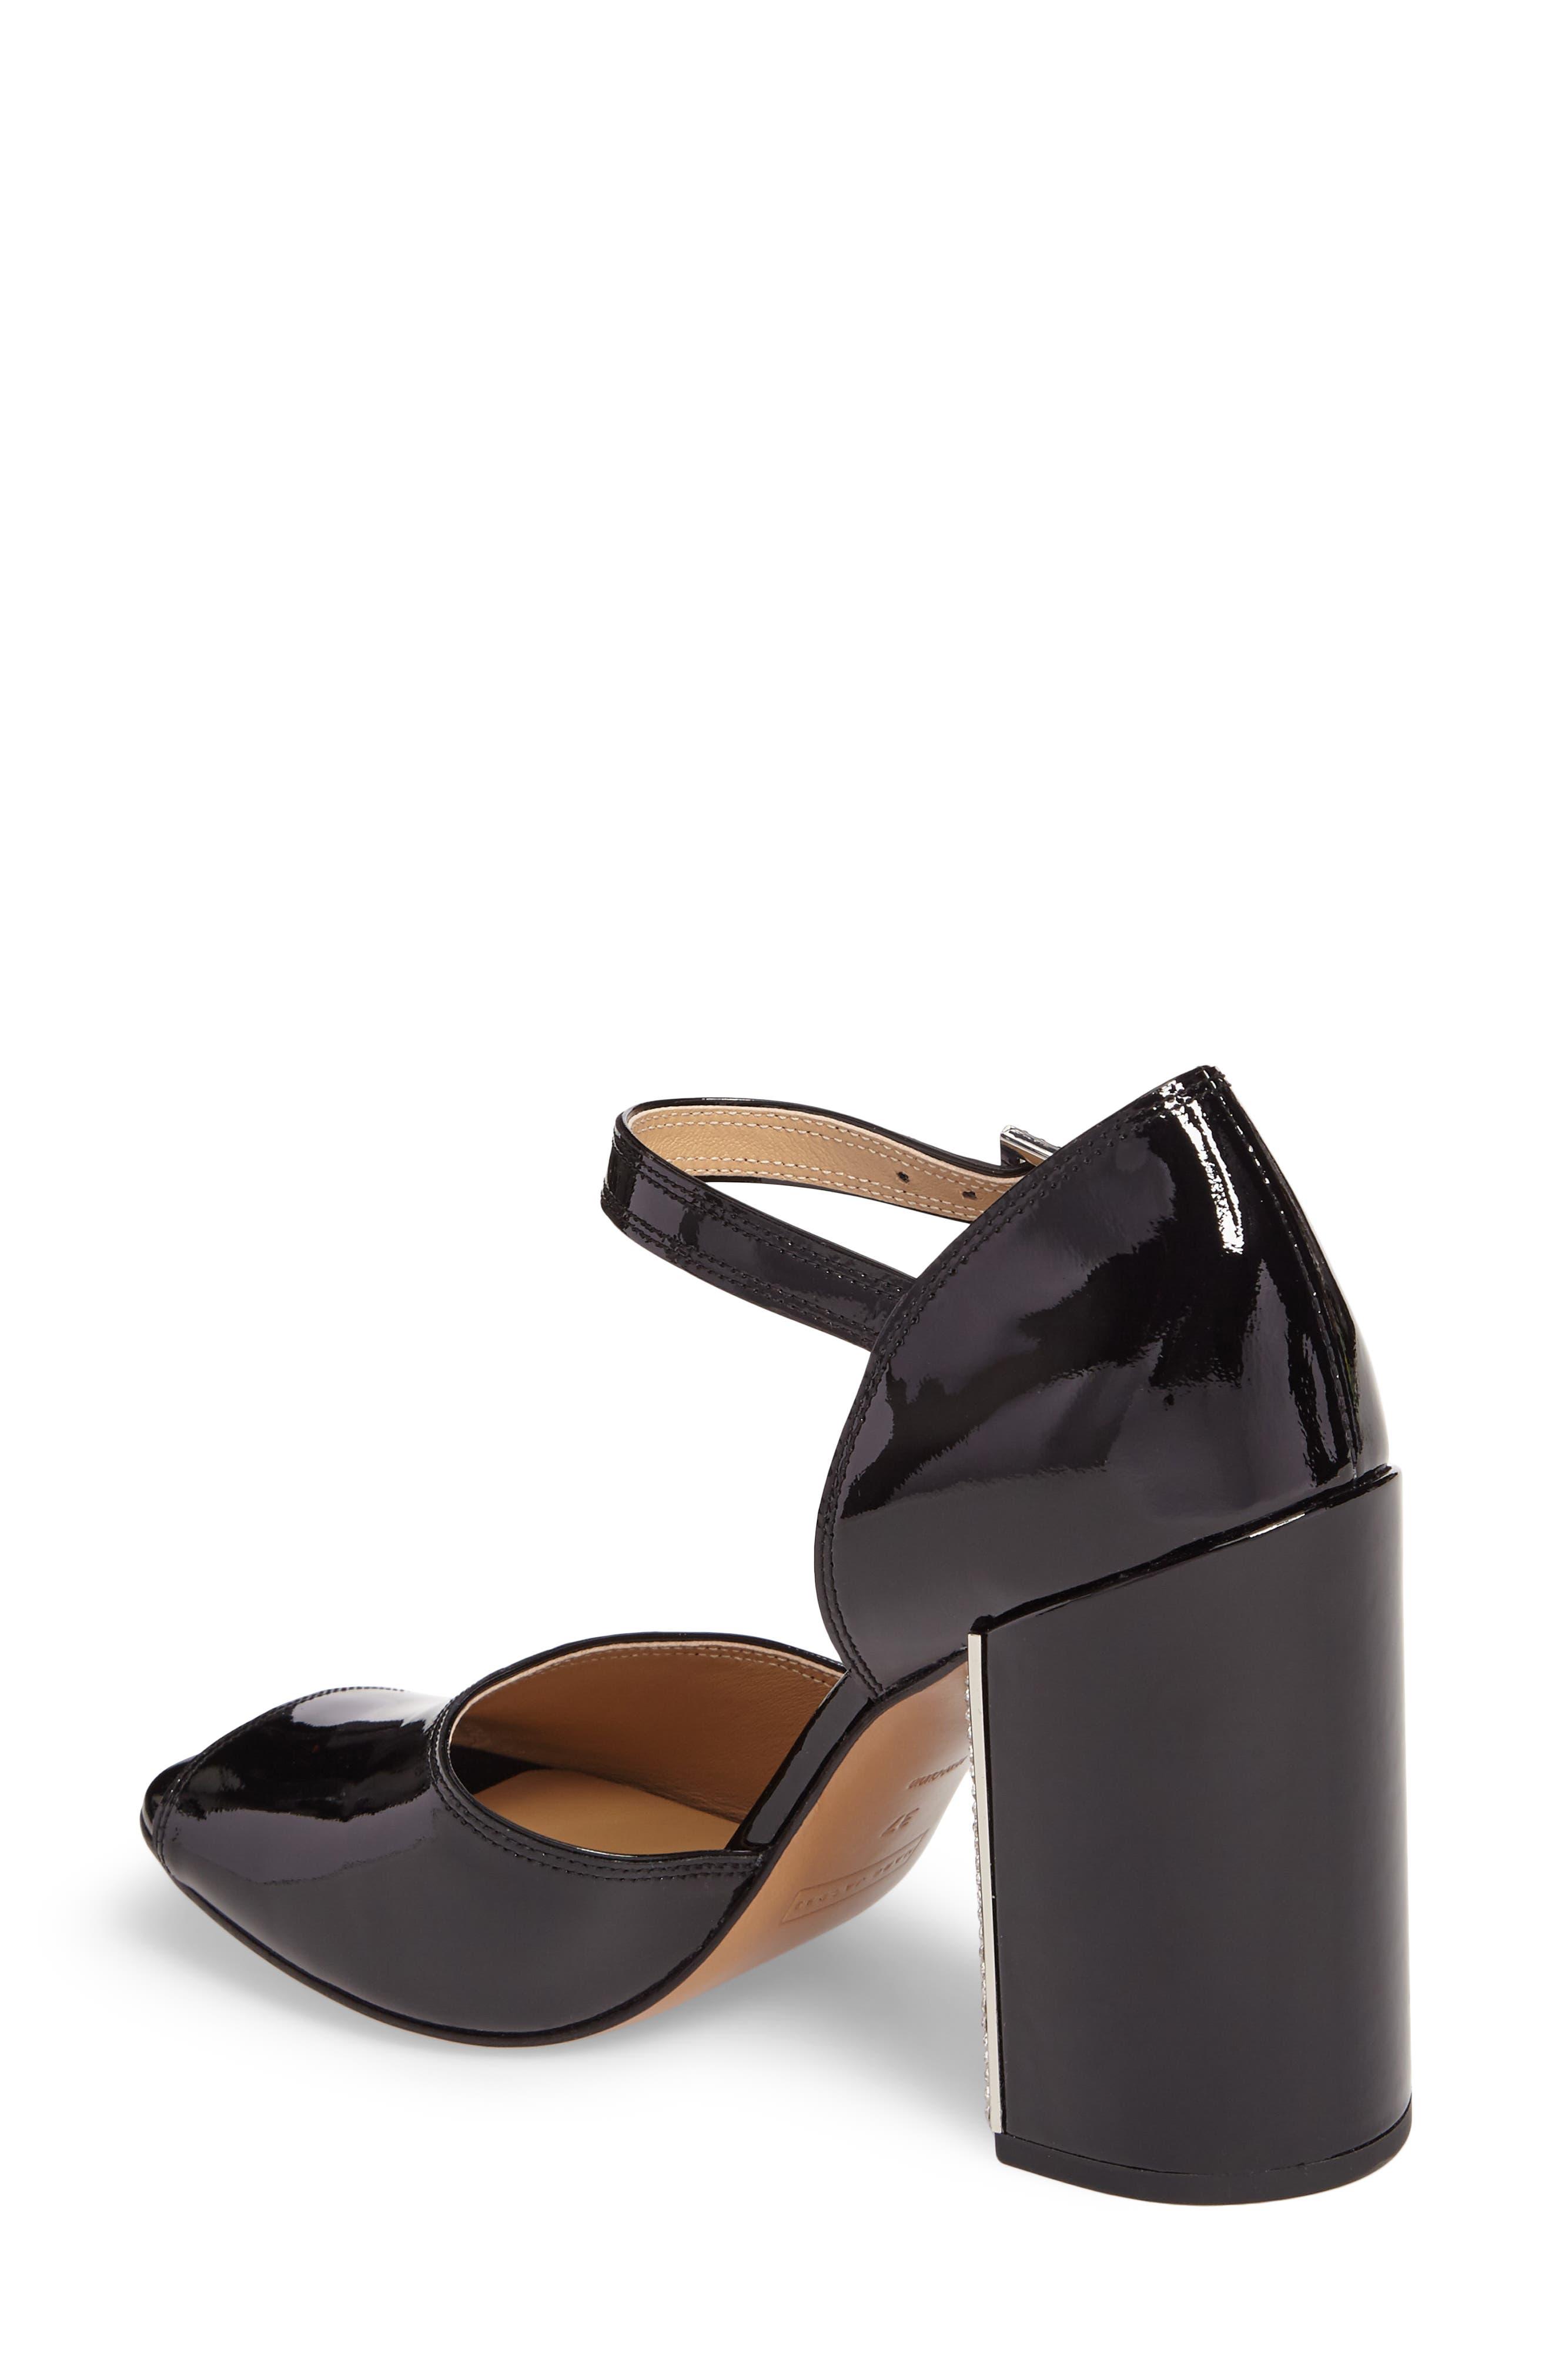 Kasia Embellished Ankle Strap Sandal,                             Alternate thumbnail 2, color,                             Black